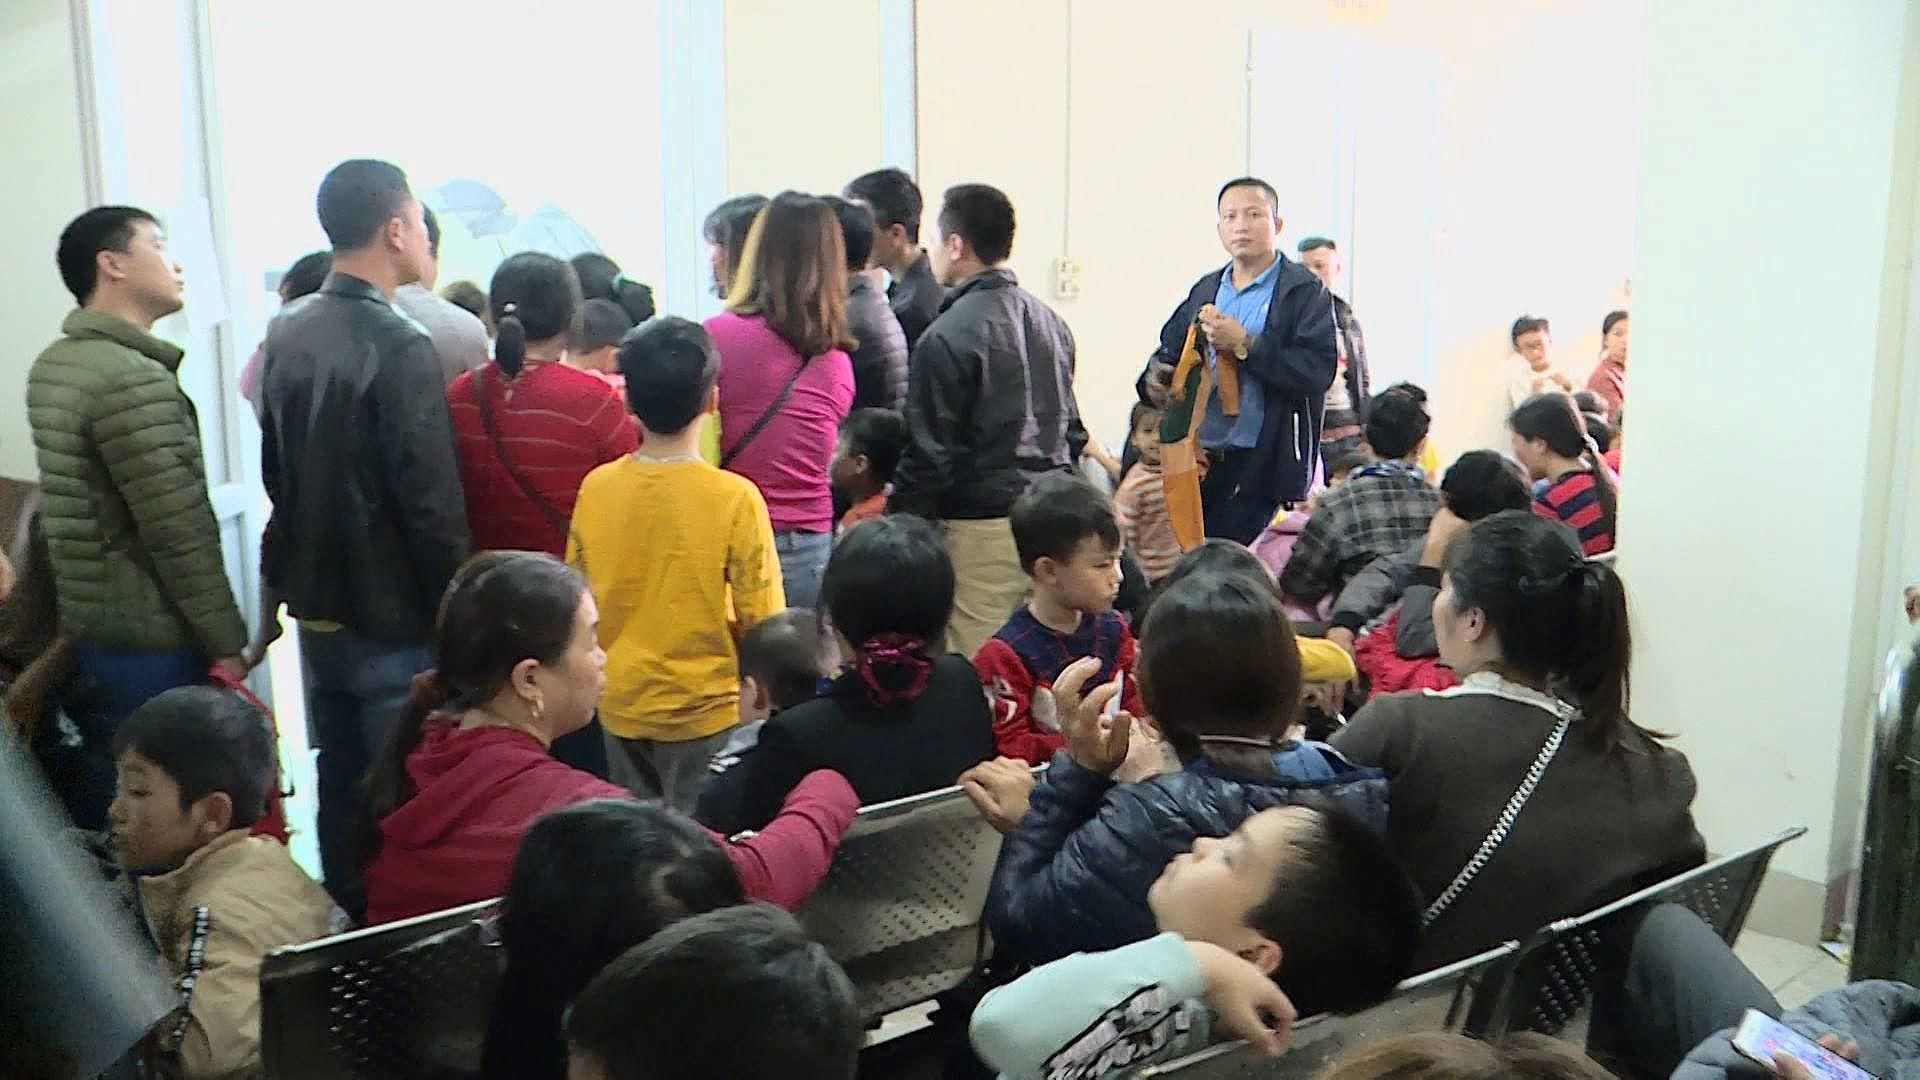 Cả nghìn trẻ Bắc Ninh về Hà Nội xét nghiệm sán lợn: BV không còn chỗ chen chân Ảnh 4